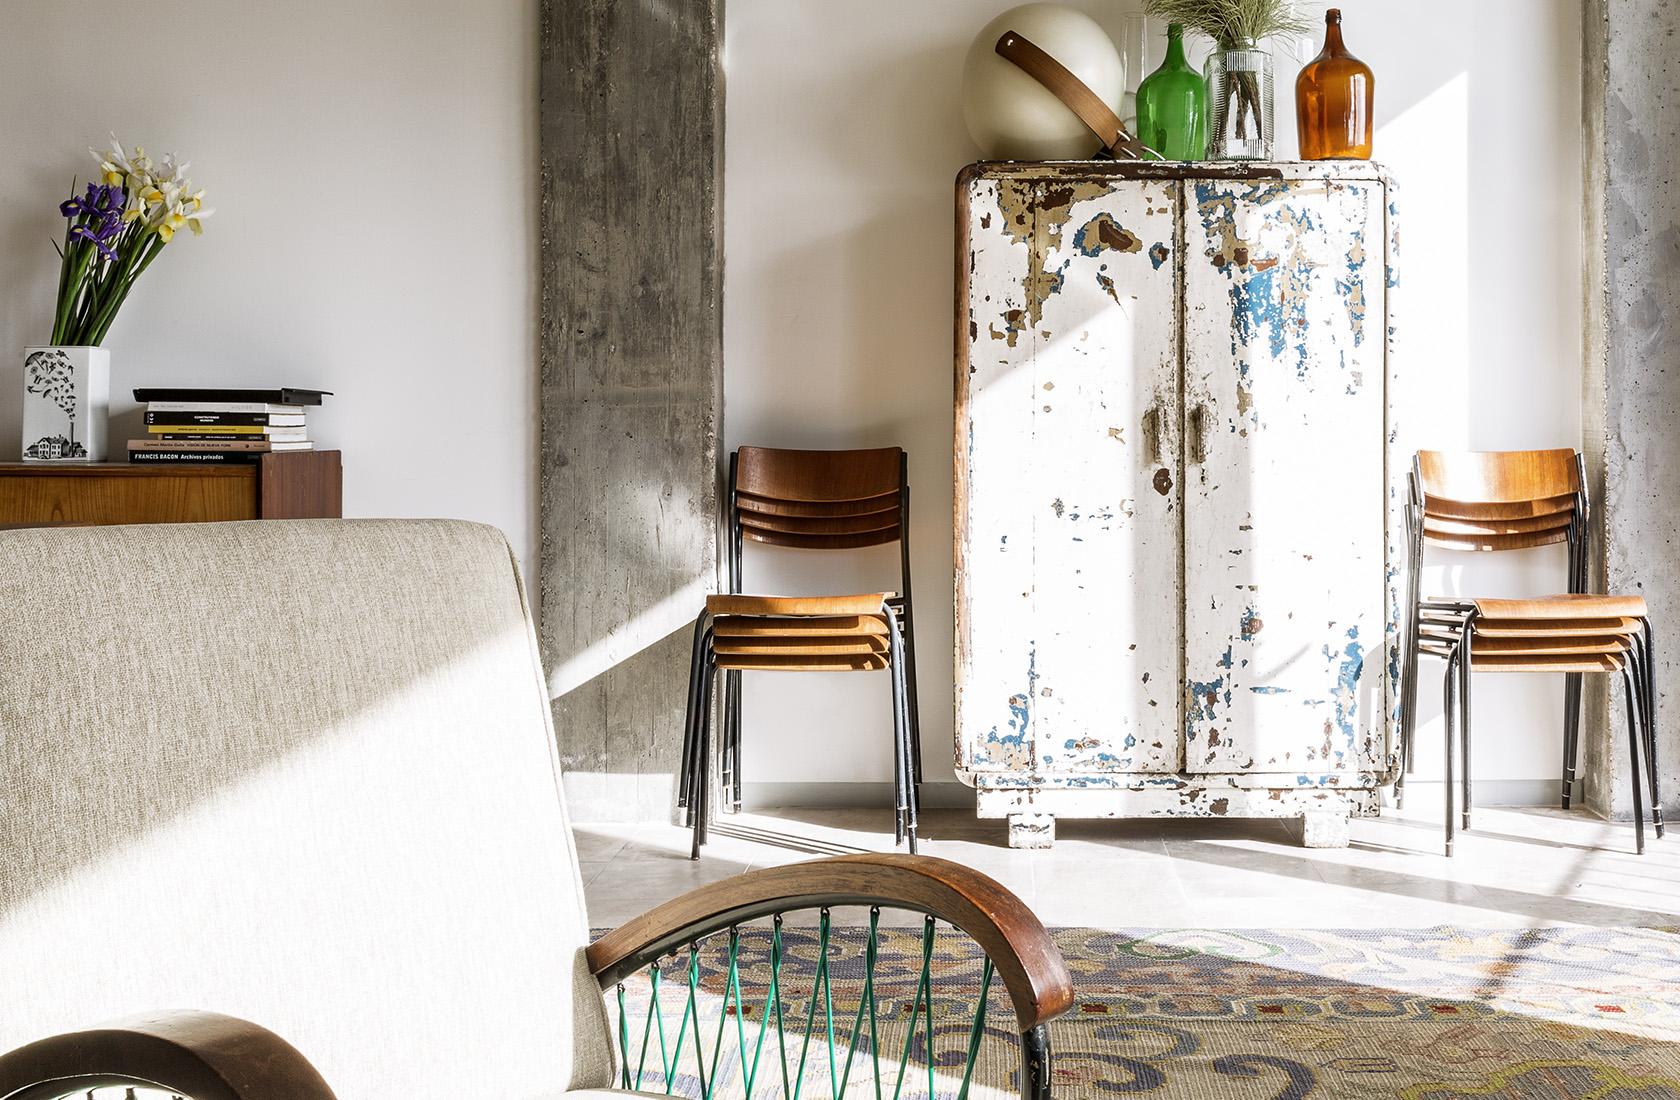 Detalle del mobiliario del hotel micasaenlisboa